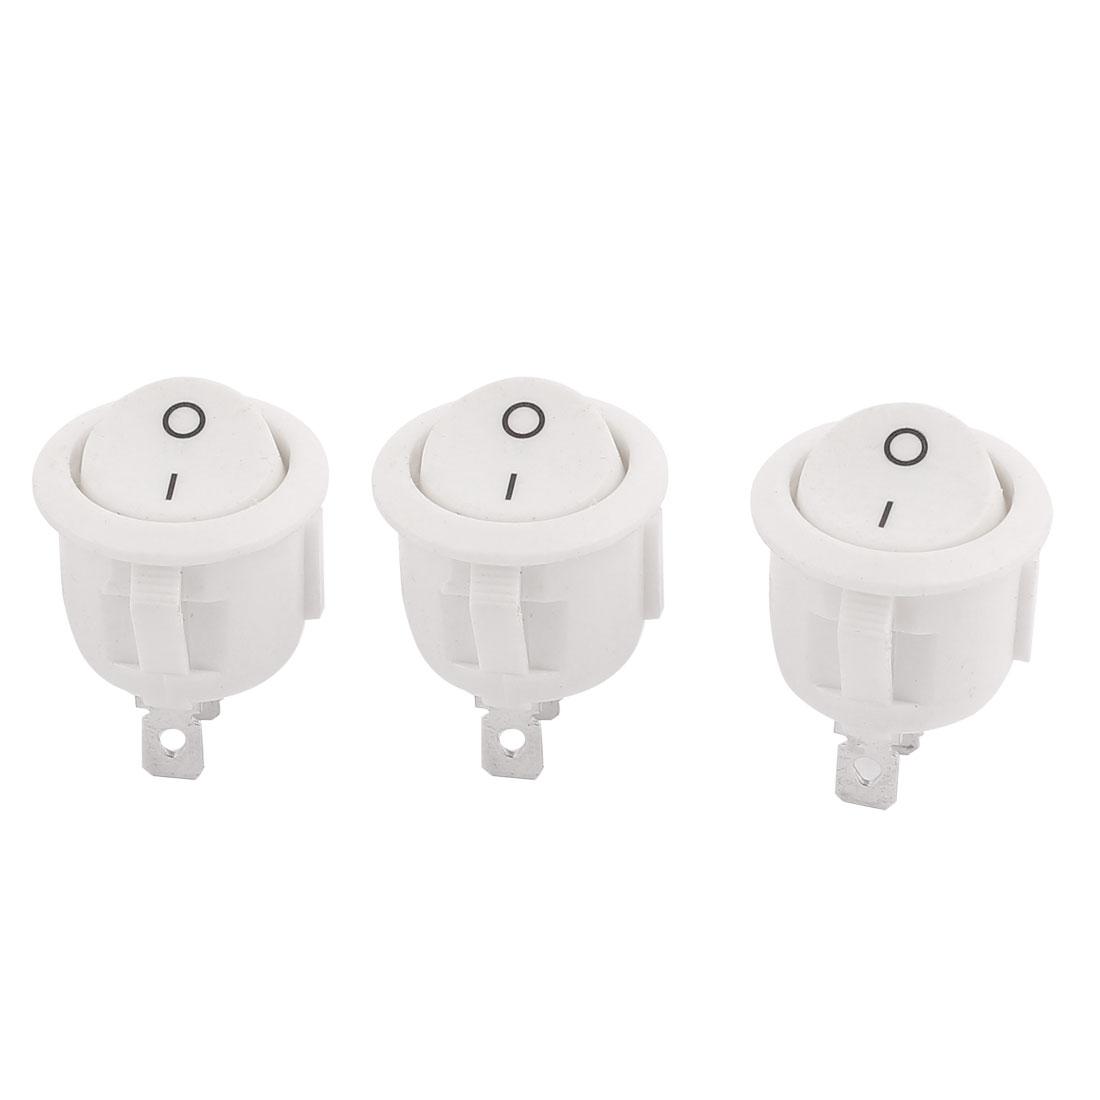 3 Pcs AC 250V/6A 125V/10A Round SPDT ON-OFF Rocker Switch KCD1-105 White